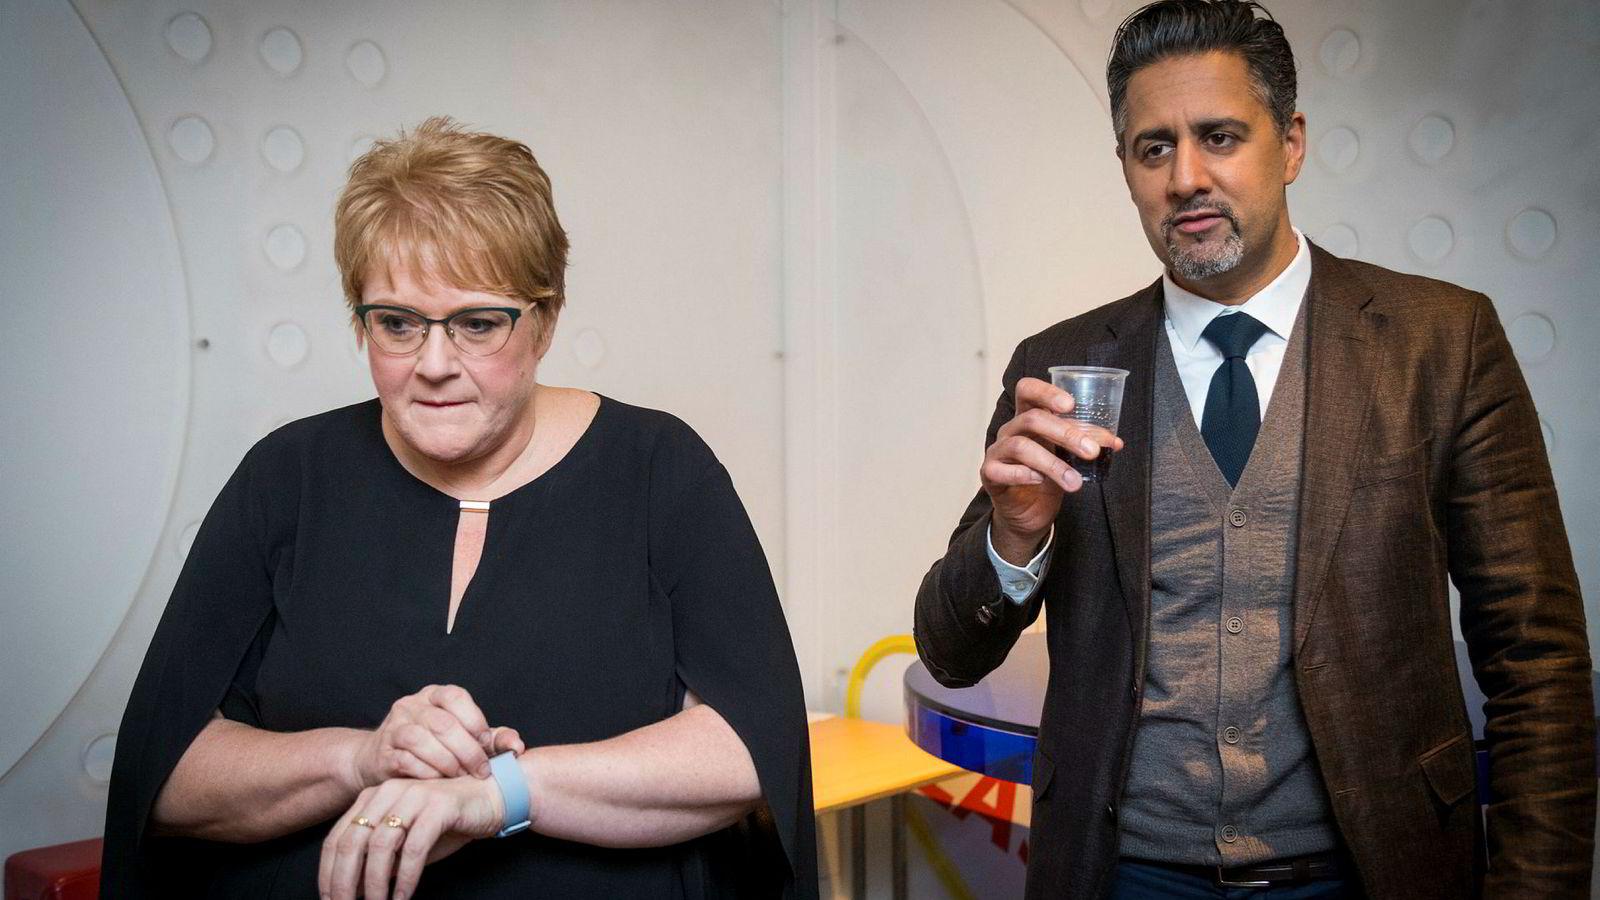 Trine Skei Grande og Abid Raja møttes i desember på NRK-programmet Debatten, etter at Grande baksnakket partikollegaen. Nå opplyser kilder til DN at Grande over tid har snakket ned Raja.